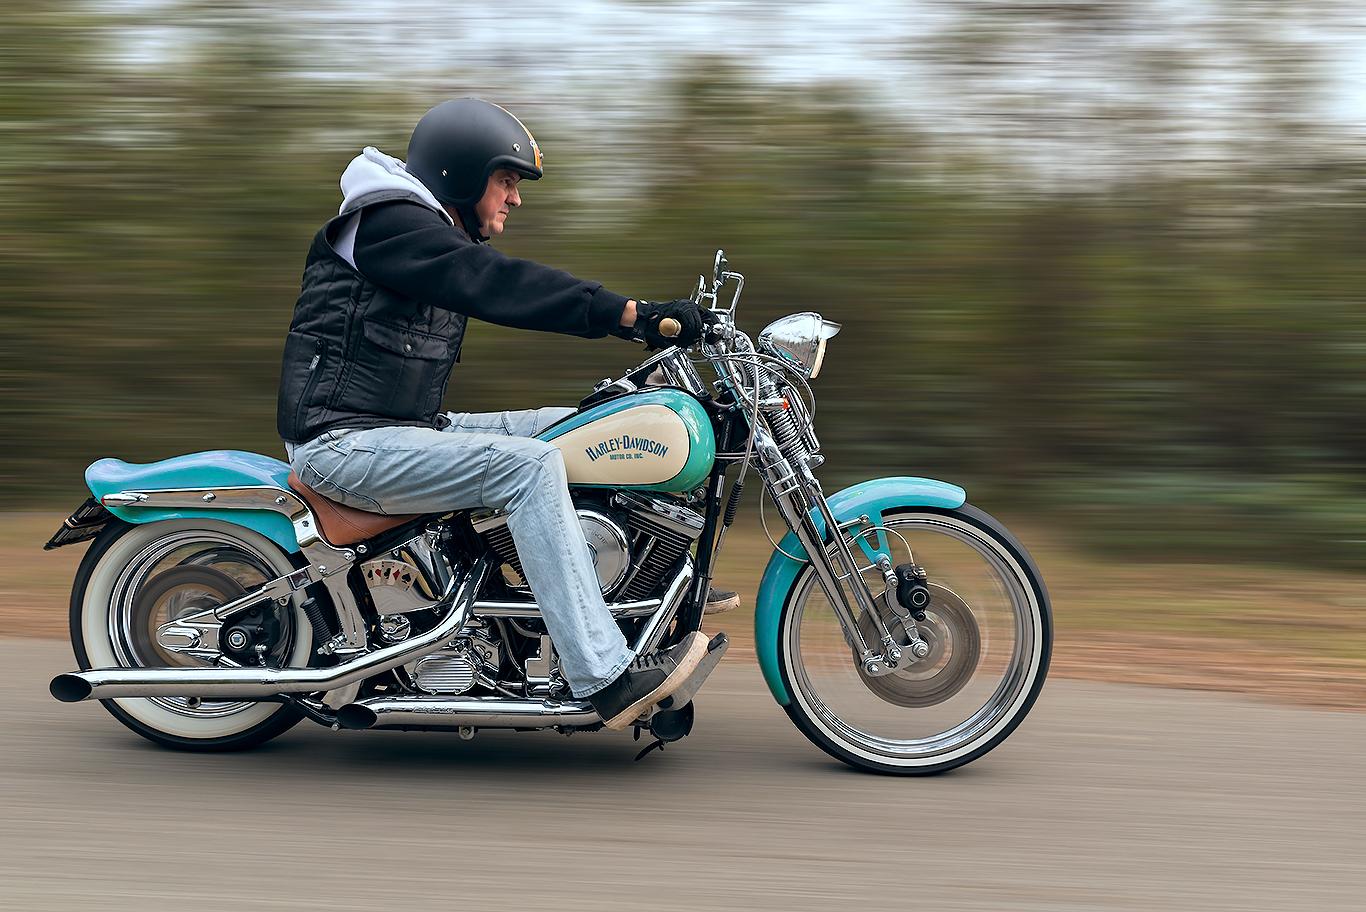 Spostamenti sulla Harley...